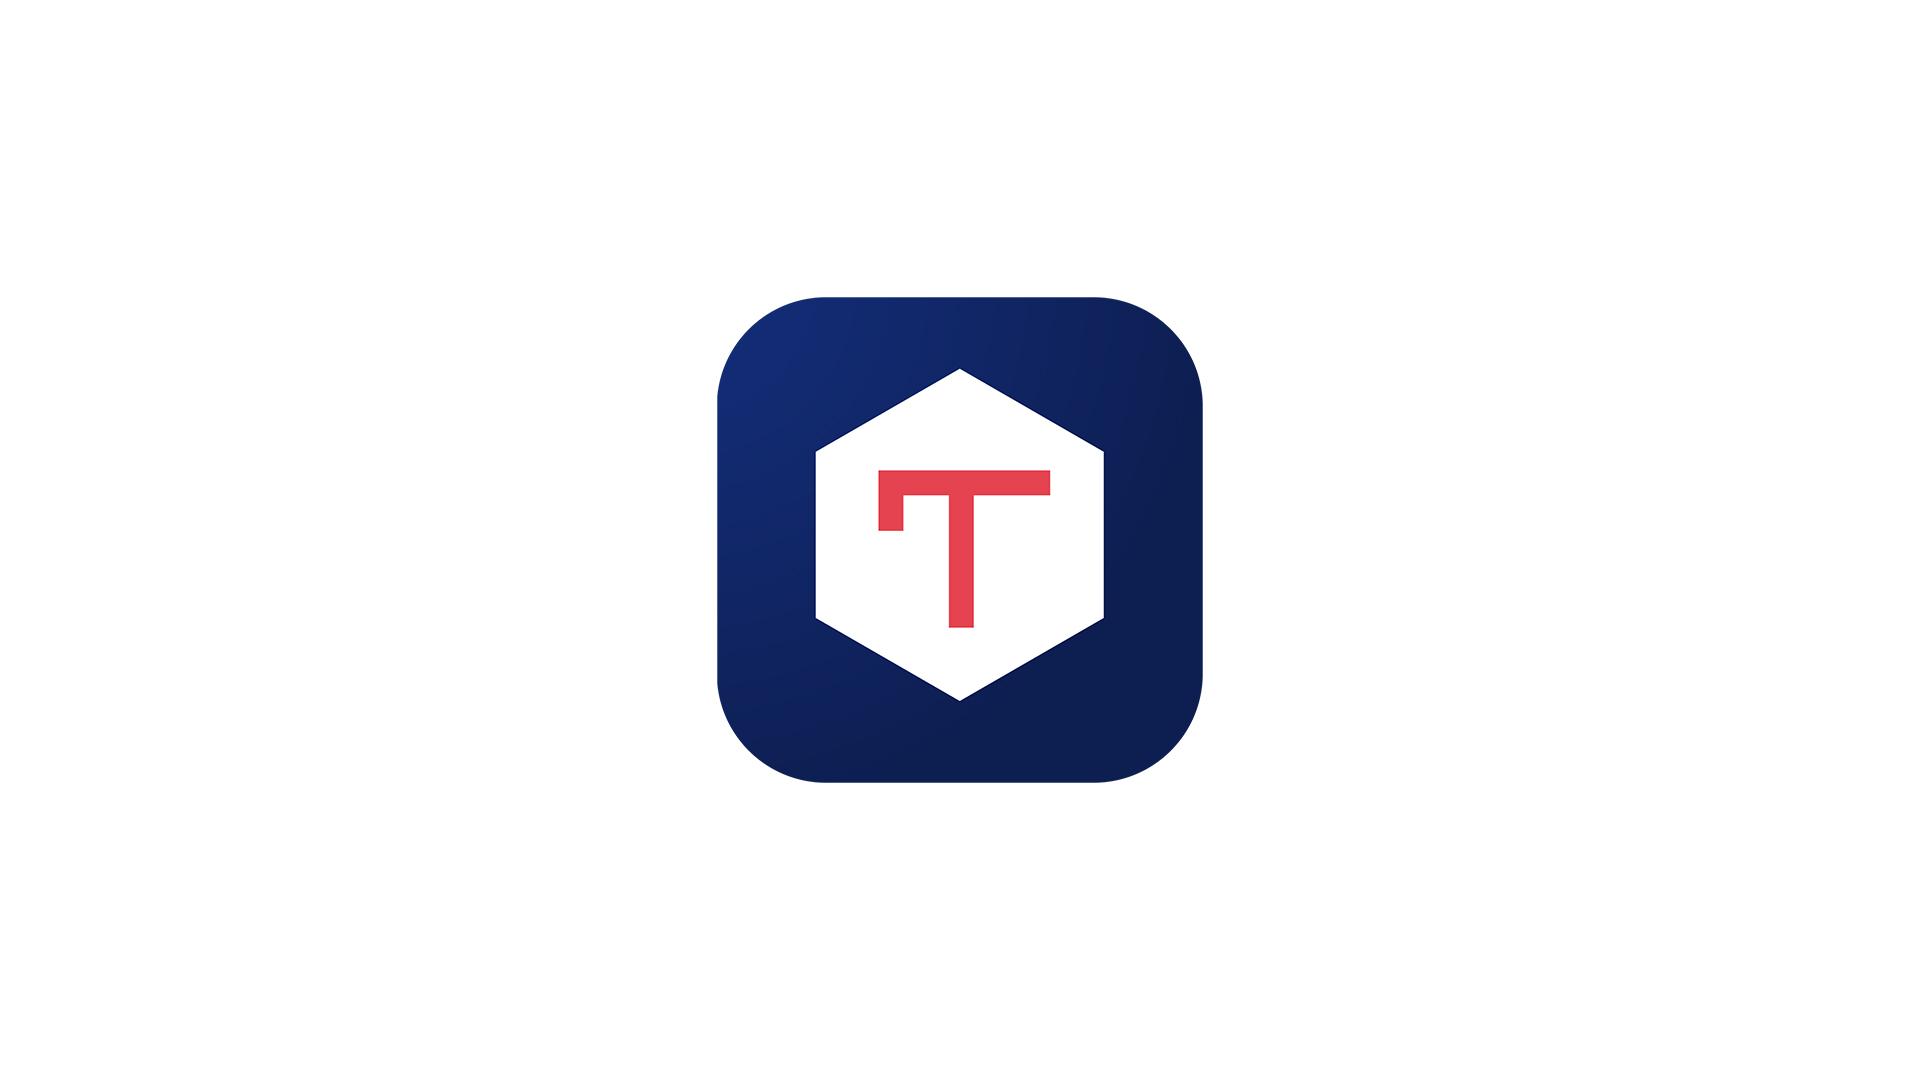 Tchap : première faille détectée quelques heures après le lancement de la messagerie souveraine de la France